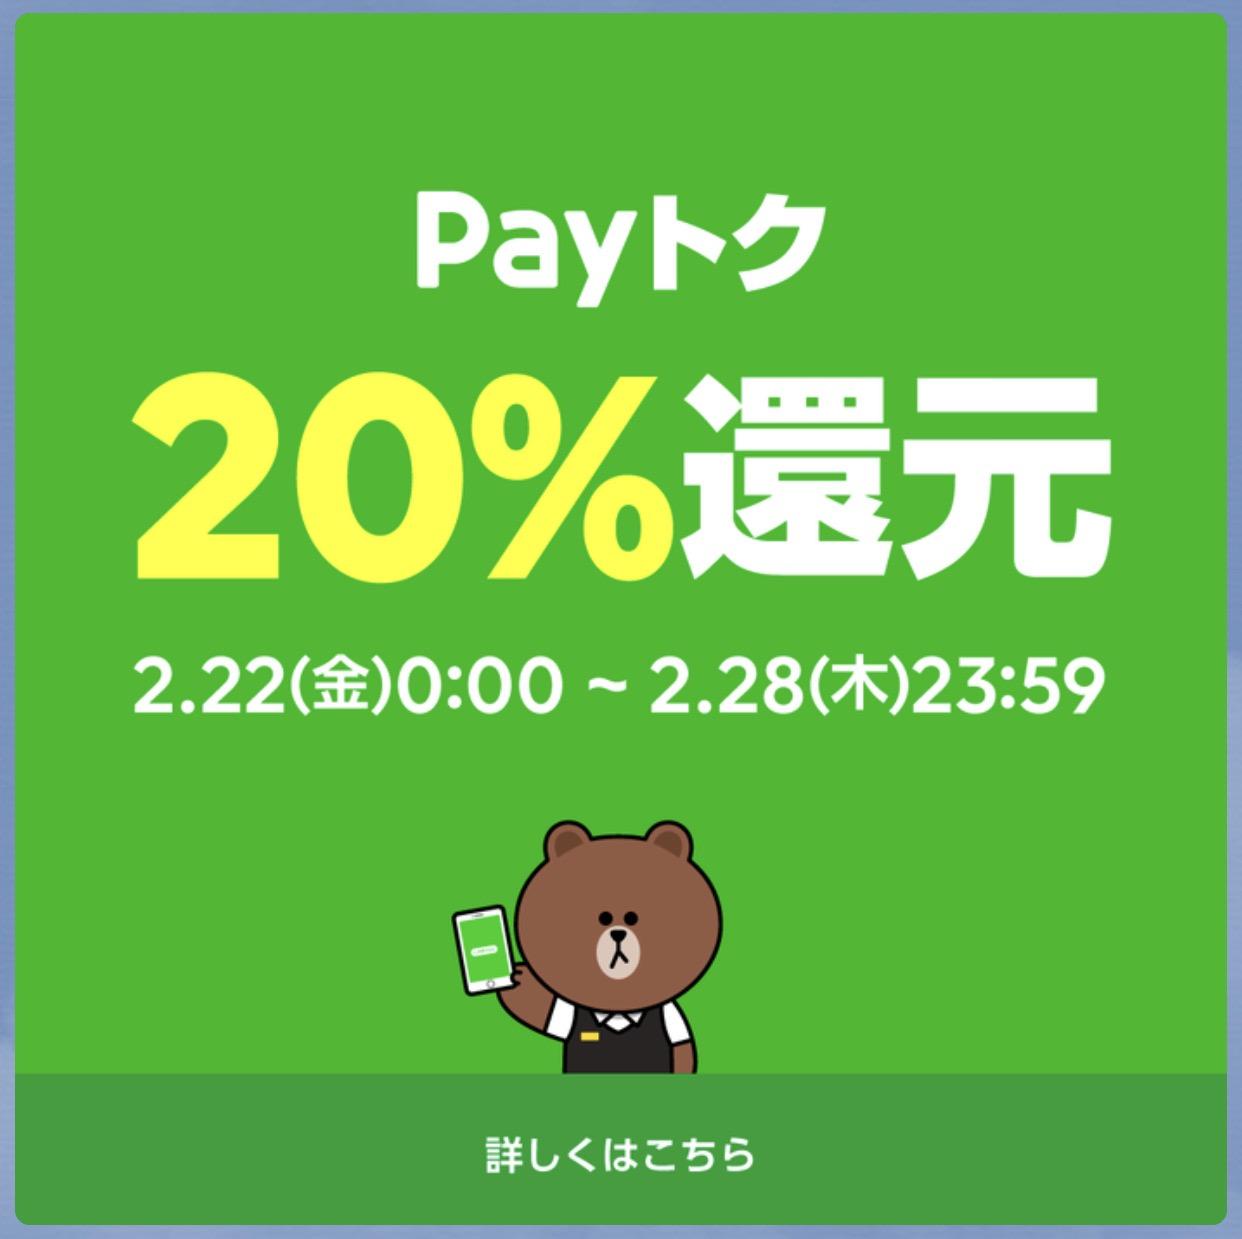 【LINE Pay】お得なキャンペーン「Payトク」チケット購入も20%ポイント還元!(2/28まで)